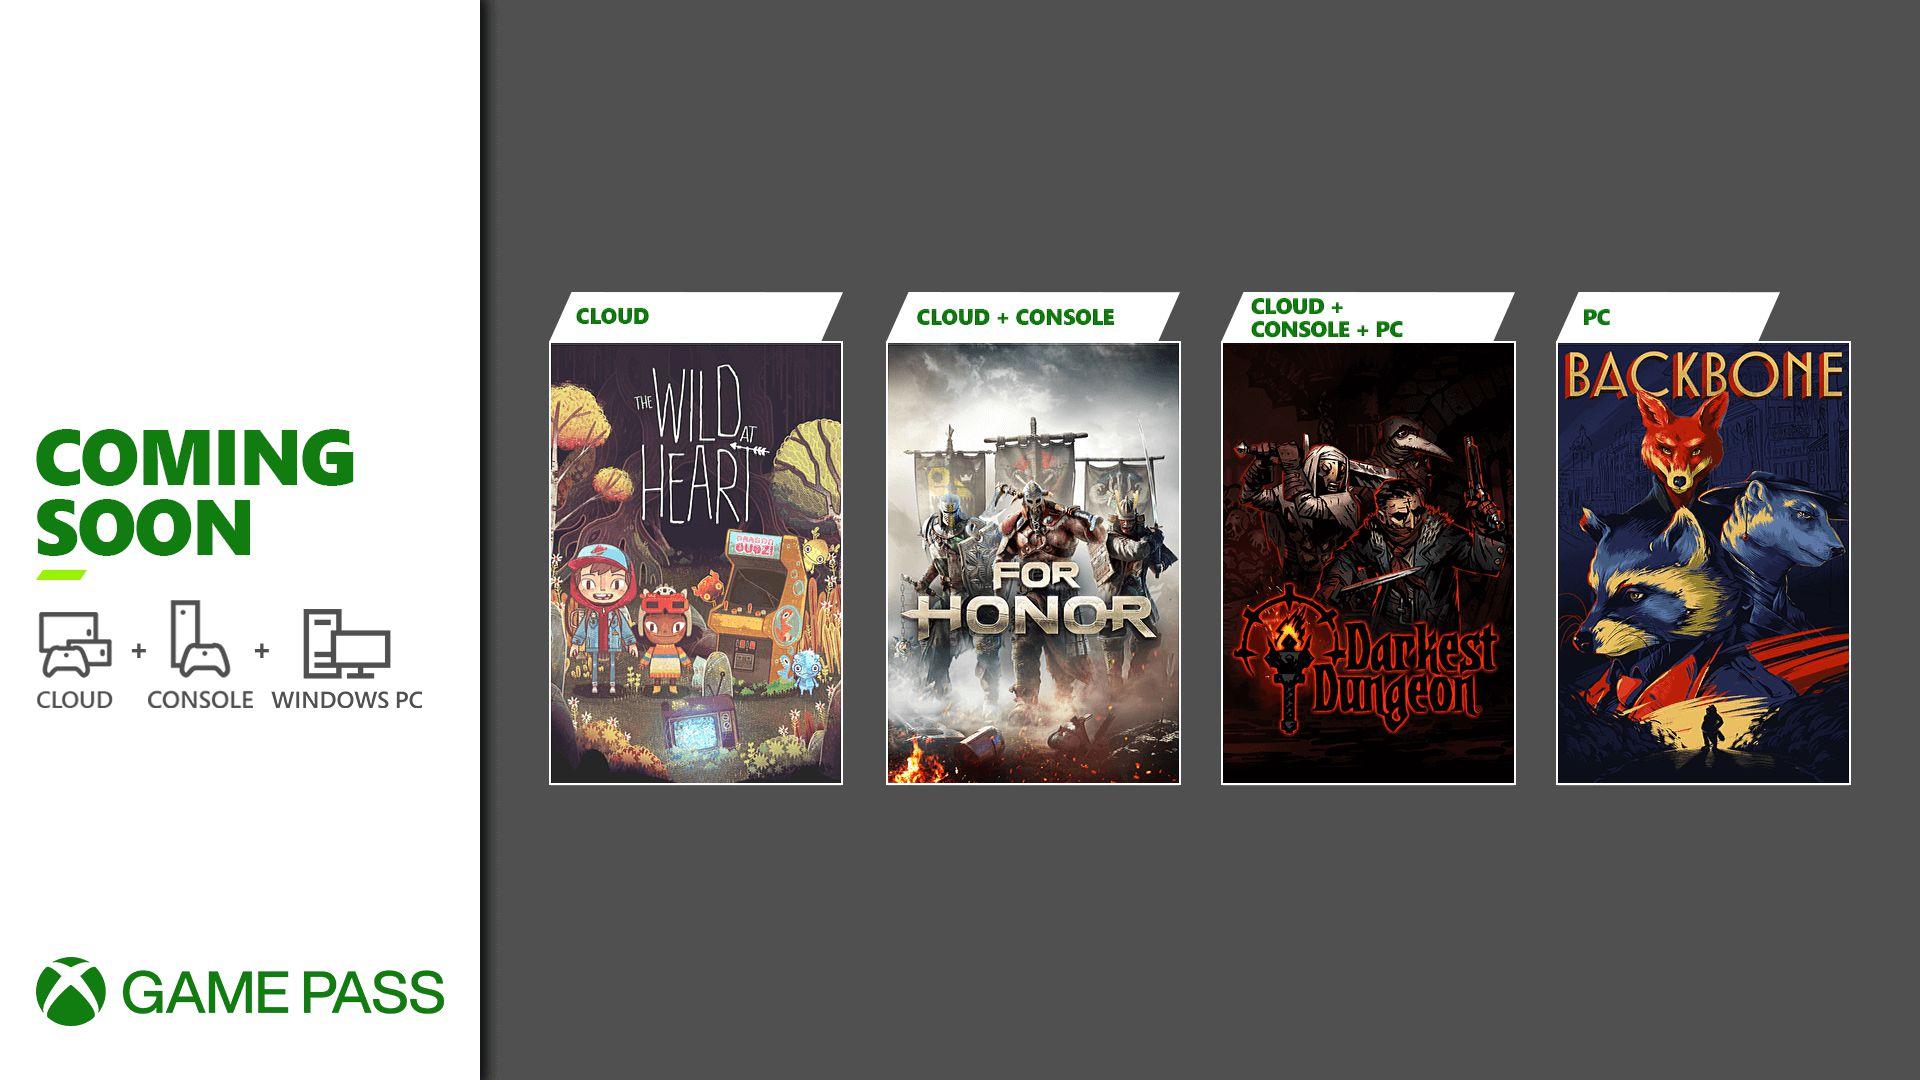 Desvelados los nuevos juegos para Xbox Game Pass de junio - Los nuevos juegos de Xbox Game Pass de la primera mitad del mes de junio ya han sido revelados.